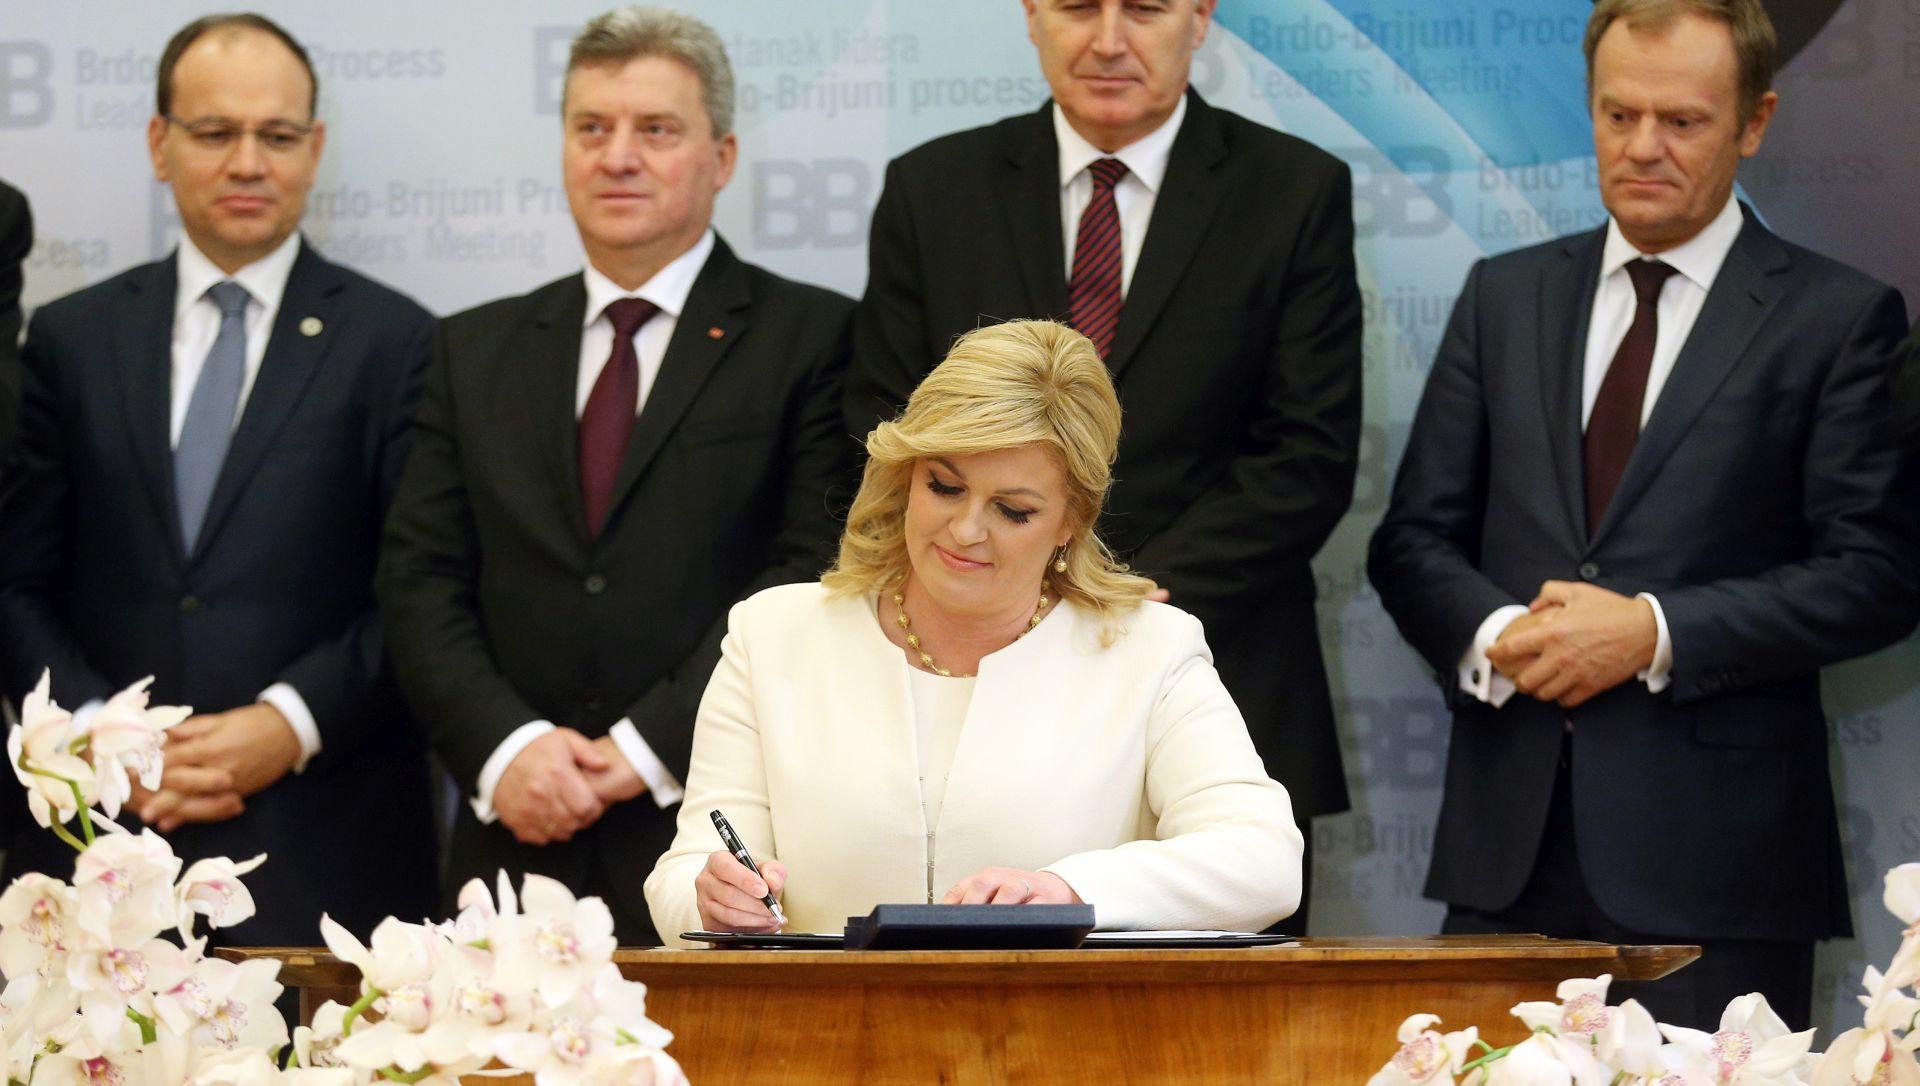 Grabar-Kitarović: Vjerujem kako smo se upravo obvezali ostvariti stratešku viziju Europe koja nije potpuna bez jugoistočne Europe